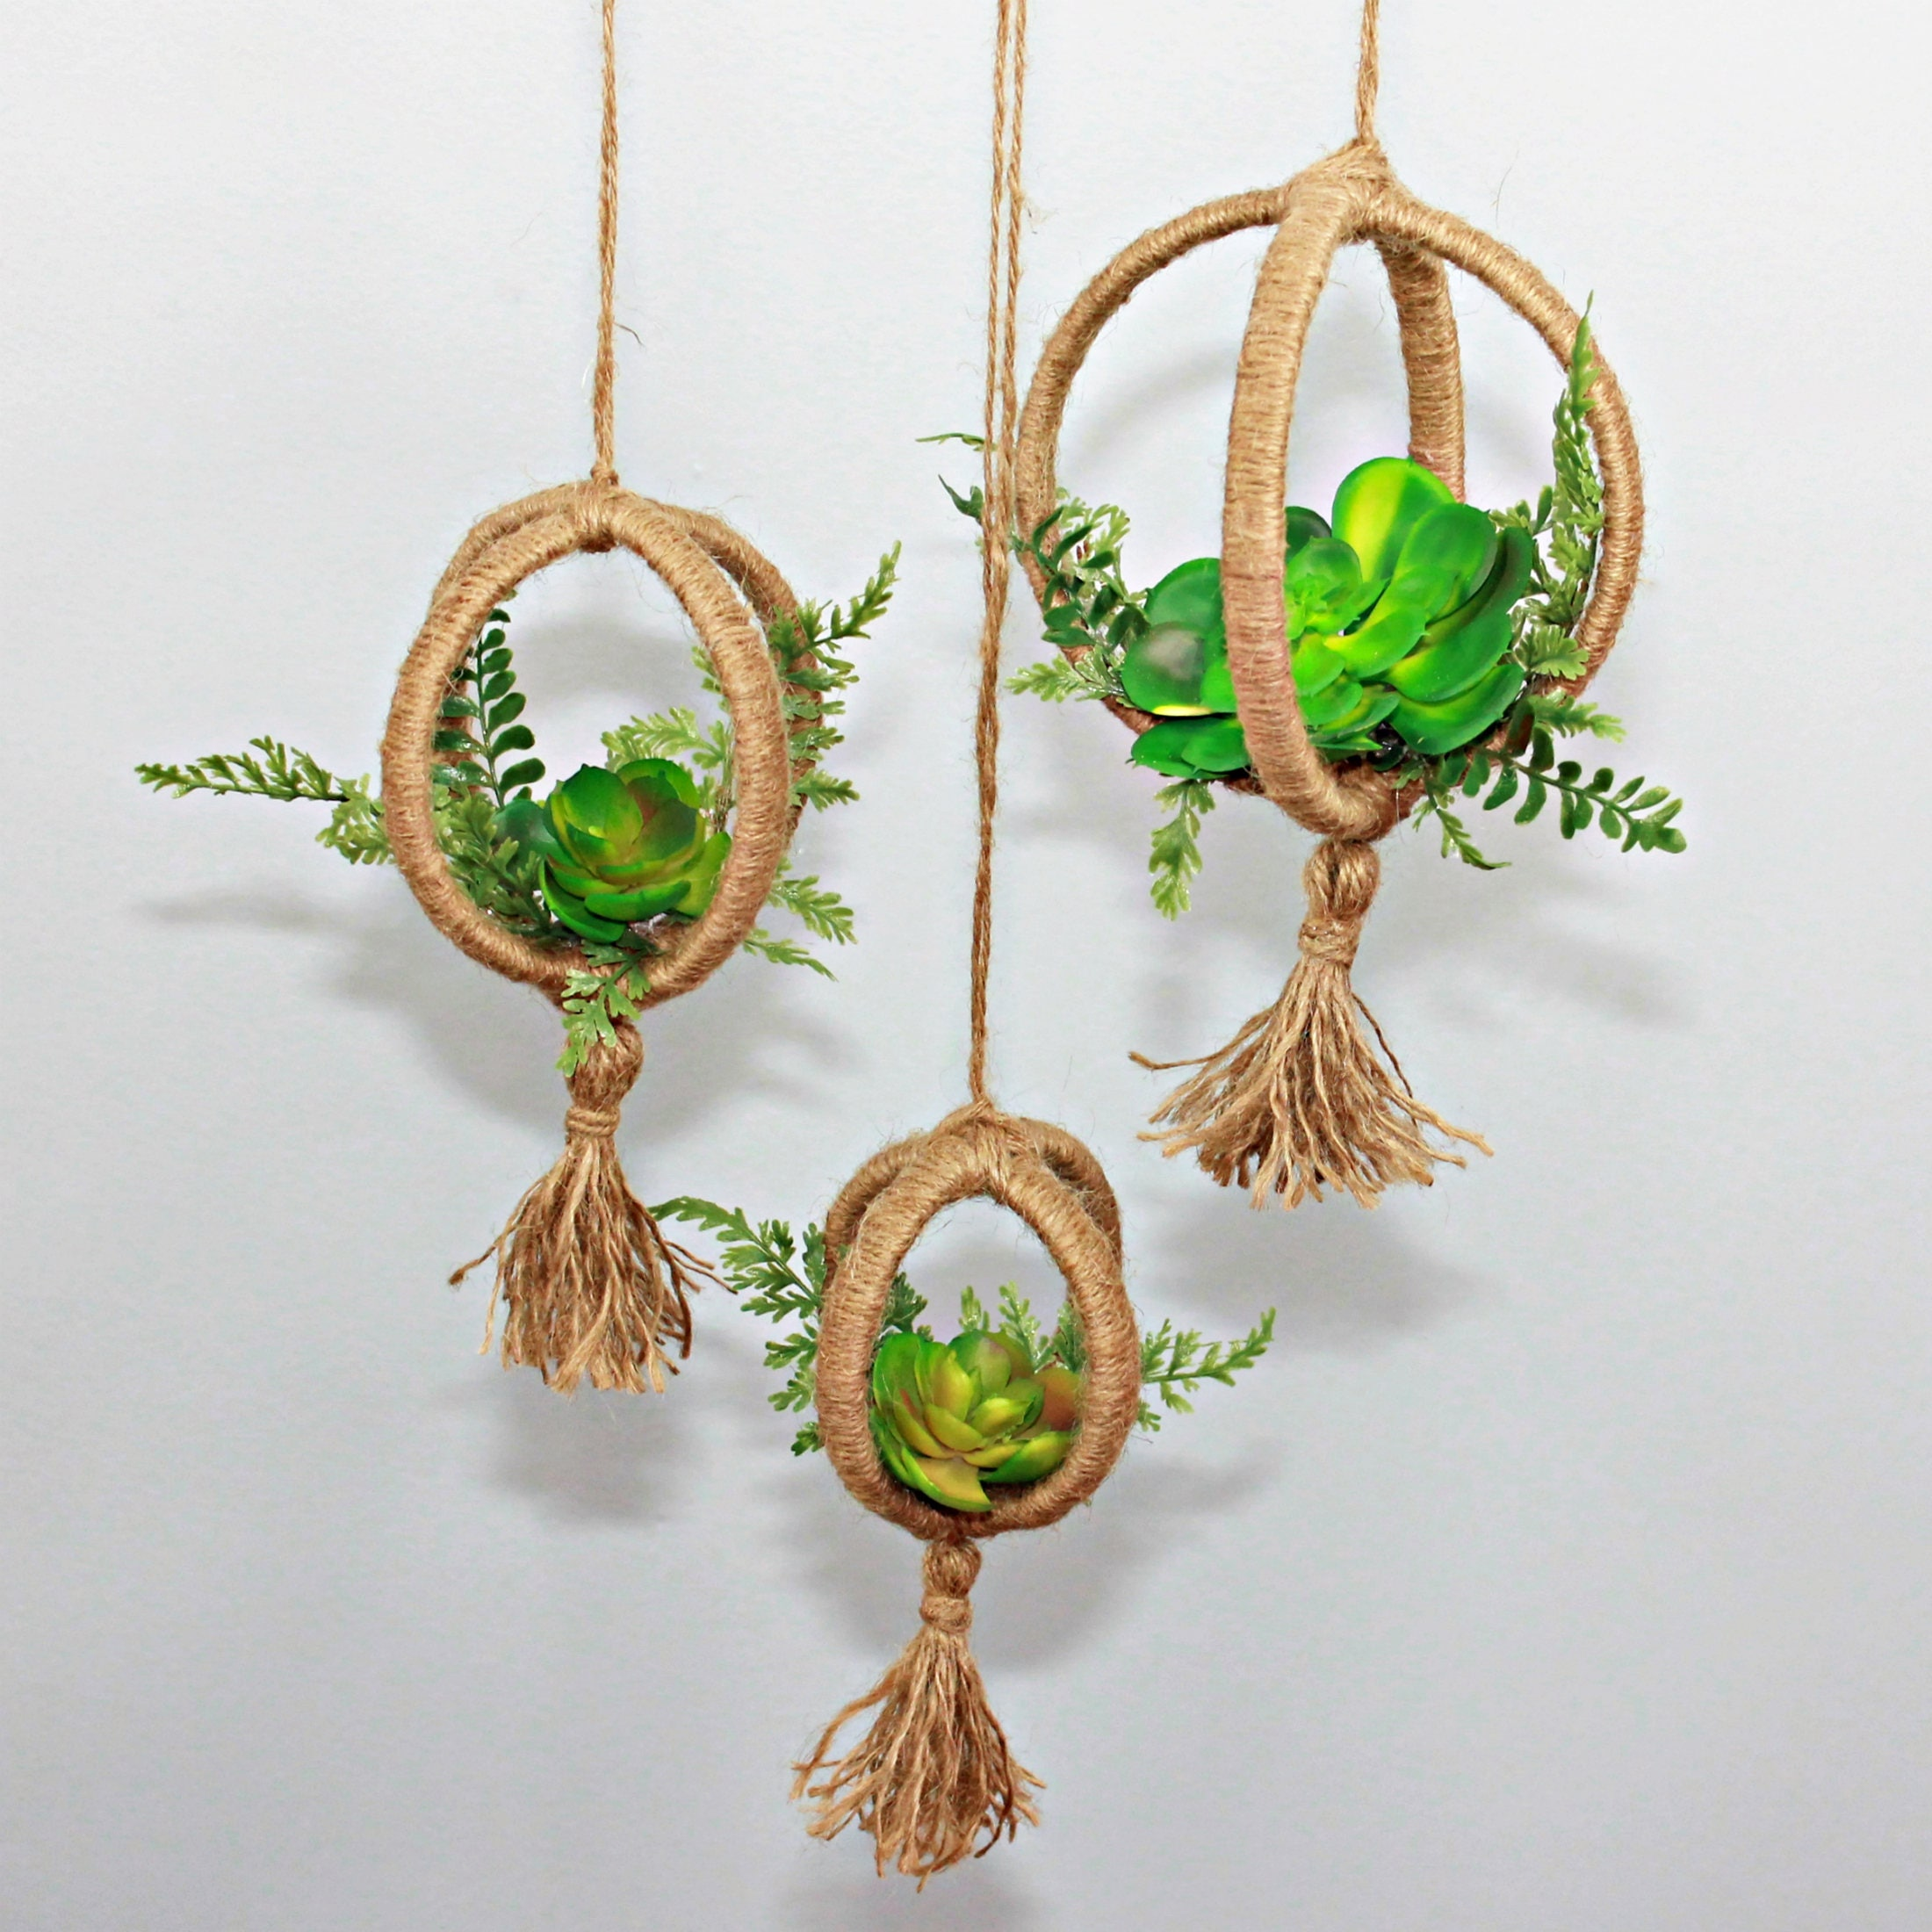 Home Accent Decor Hanging Artificial Succulent Hemp Plant